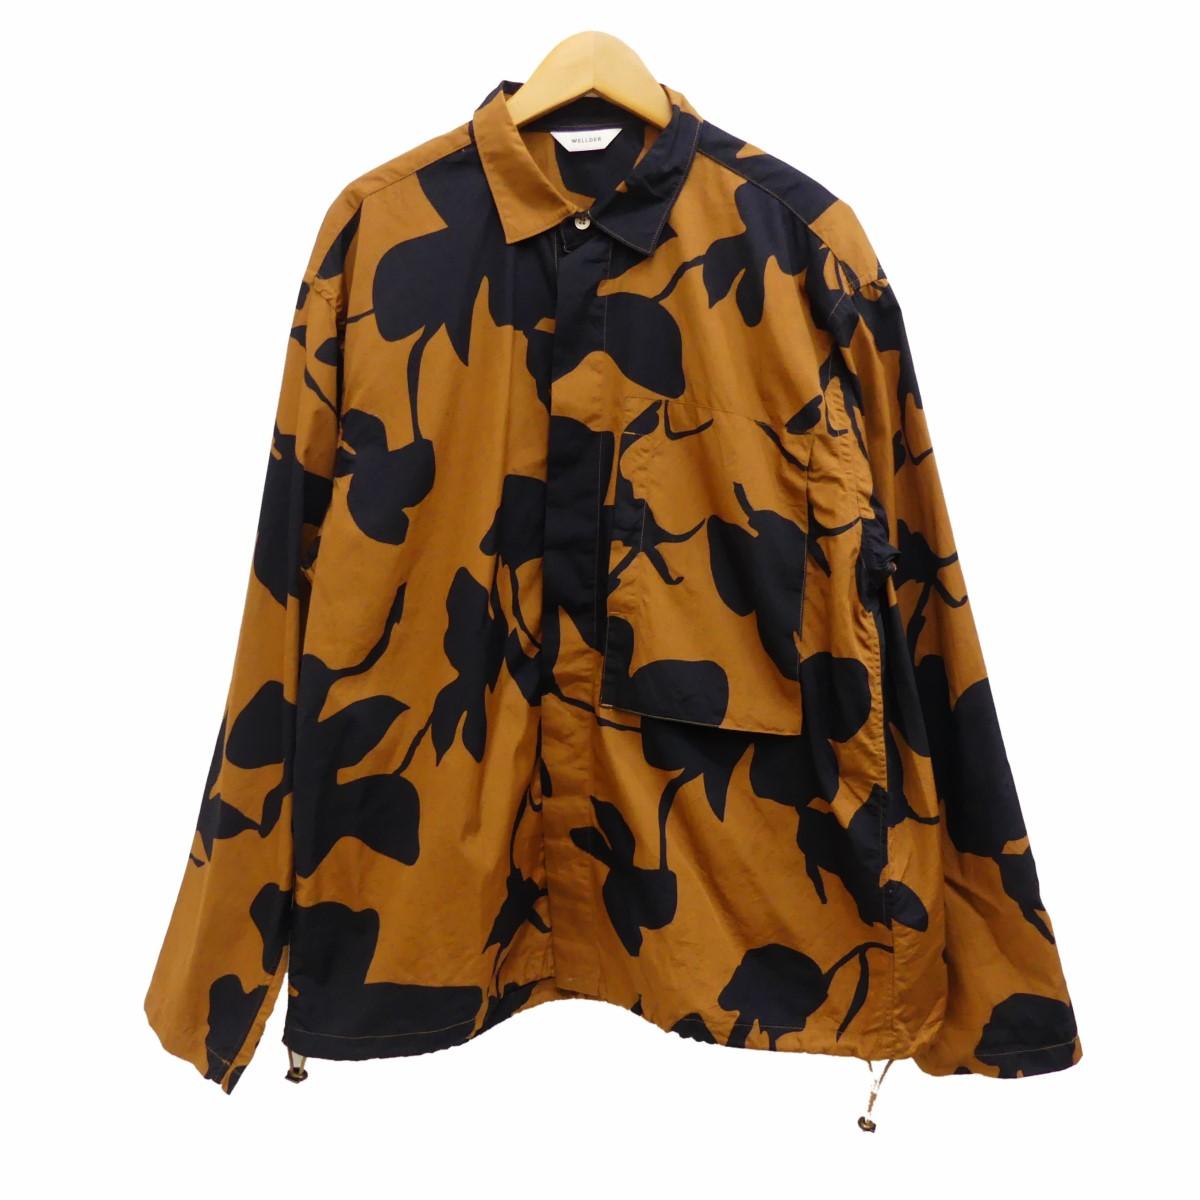 【中古】WELLDER Drawstring Shirts 総柄シャツ ブラック×ブラウン サイズ:5 【120320】(ウェルダー)